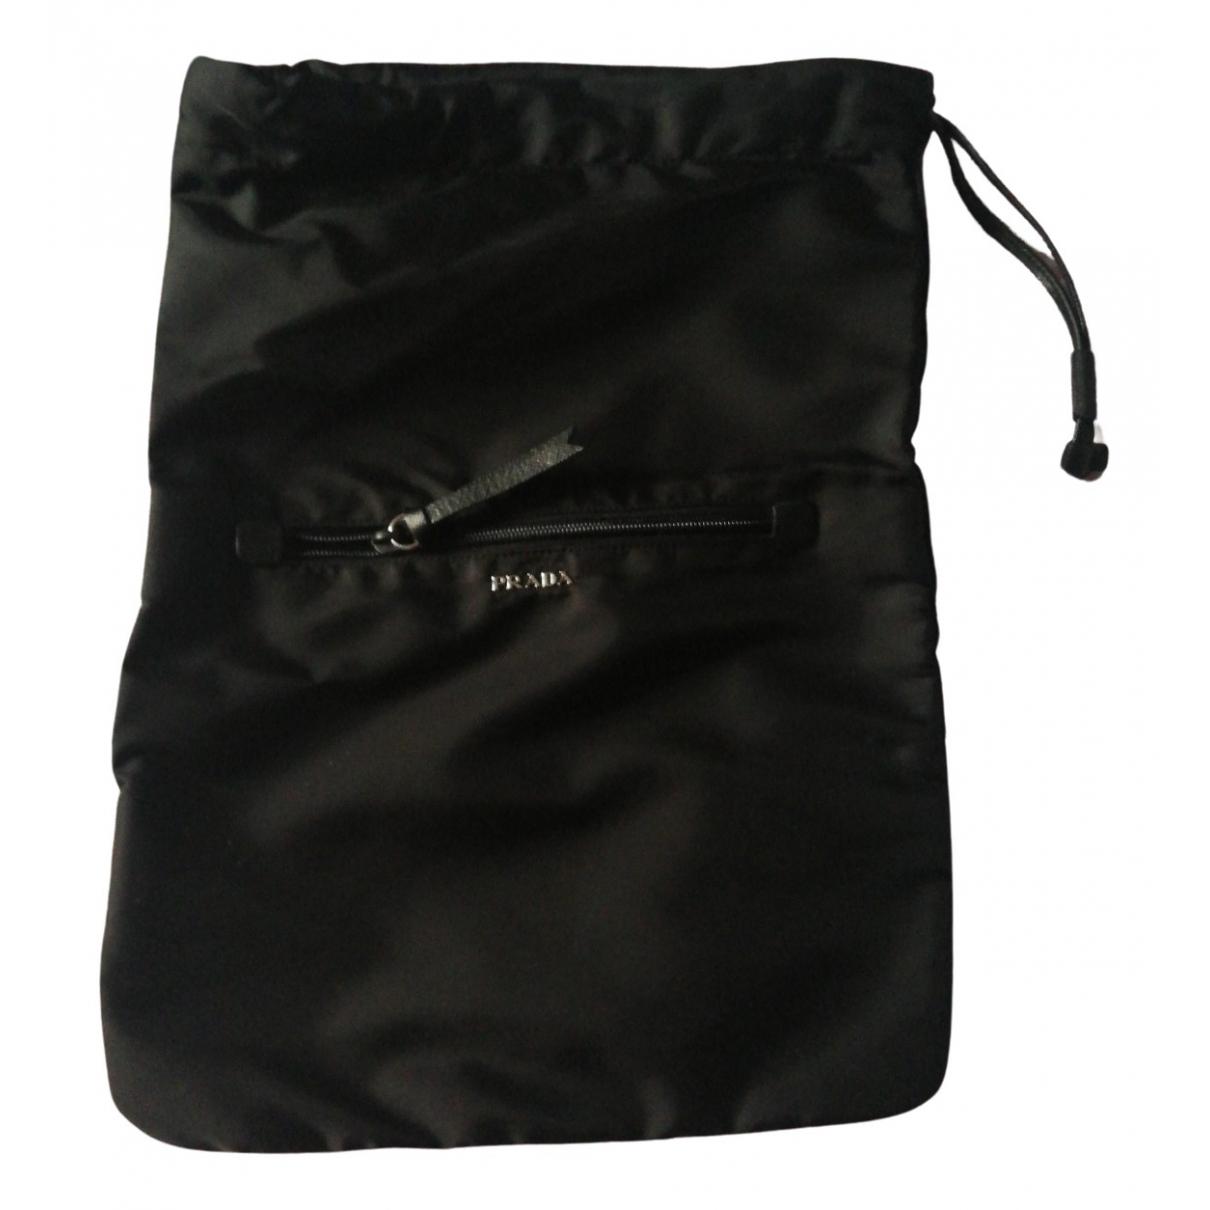 Prada - Sac de voyage   pour femme en toile - noir